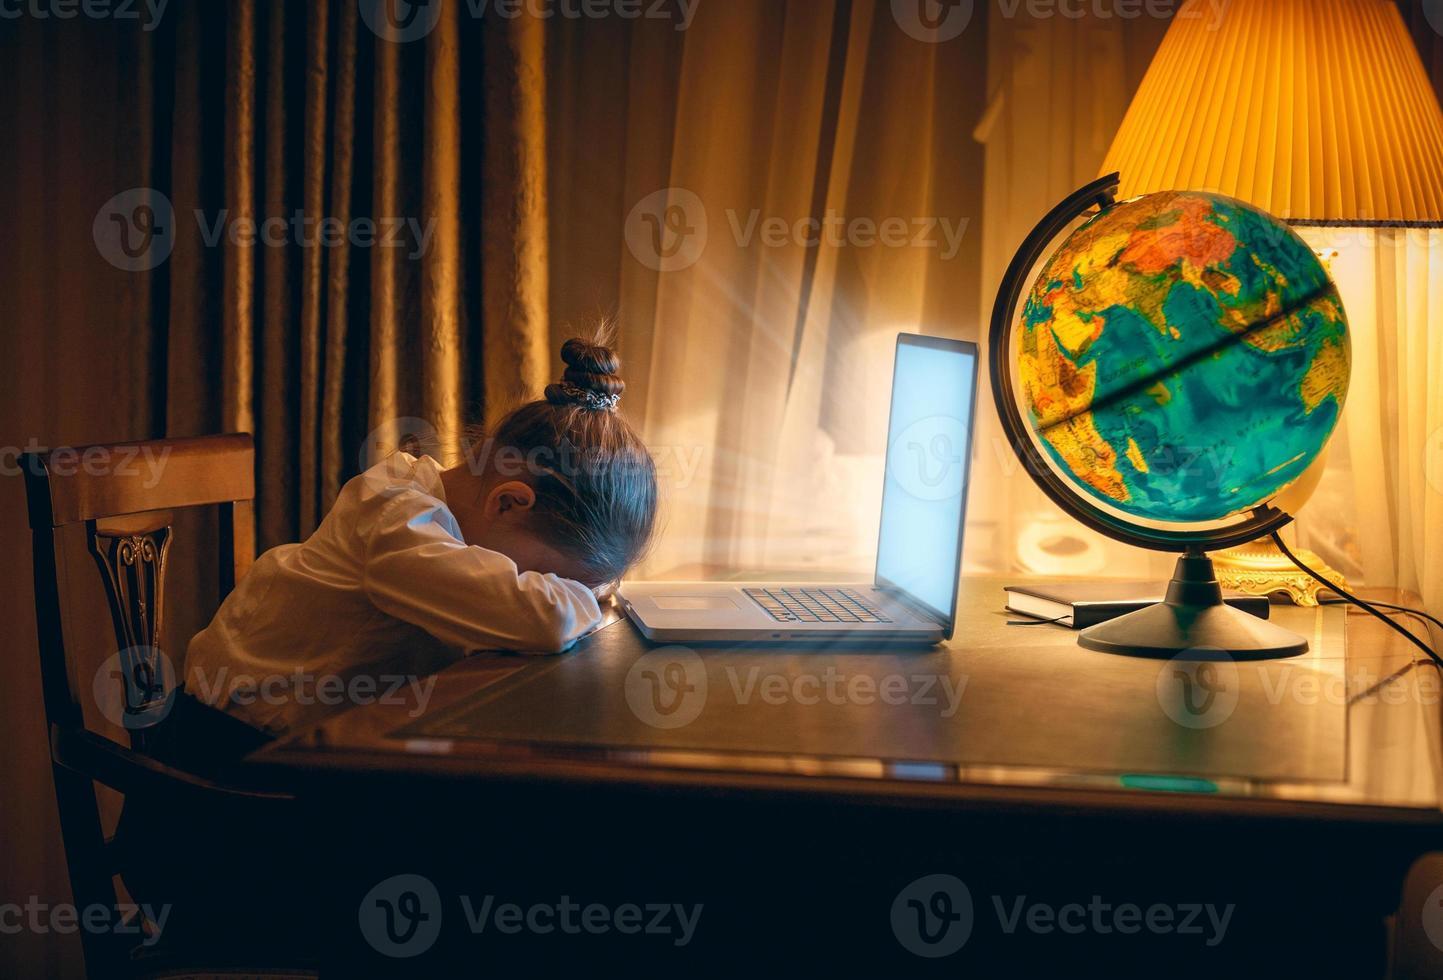 chica se durmió con laptop foto